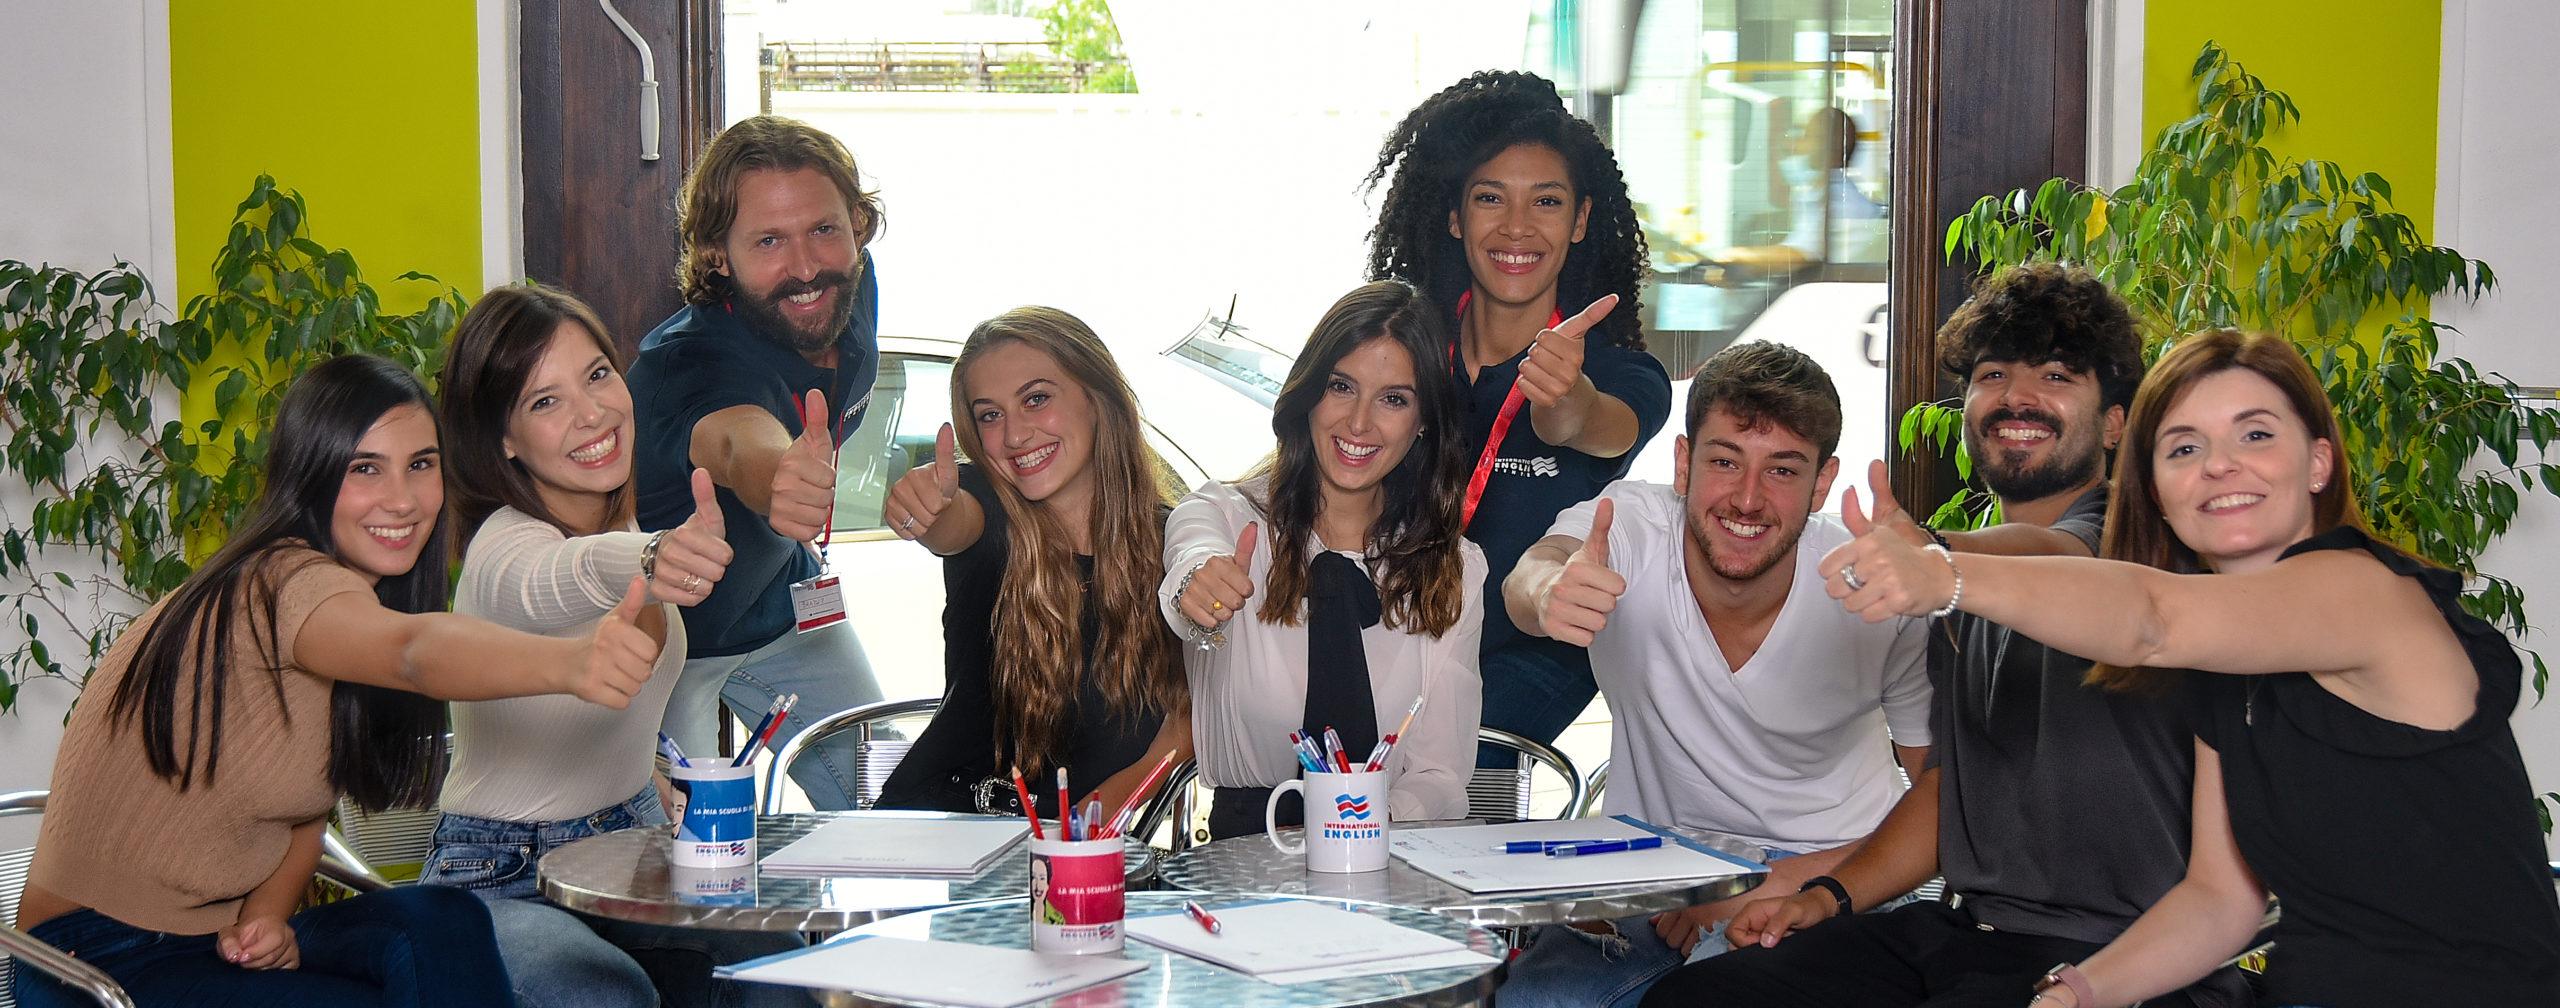 un gruppo di studenti nel social club Iec dopo aver terminato un attività di Real English